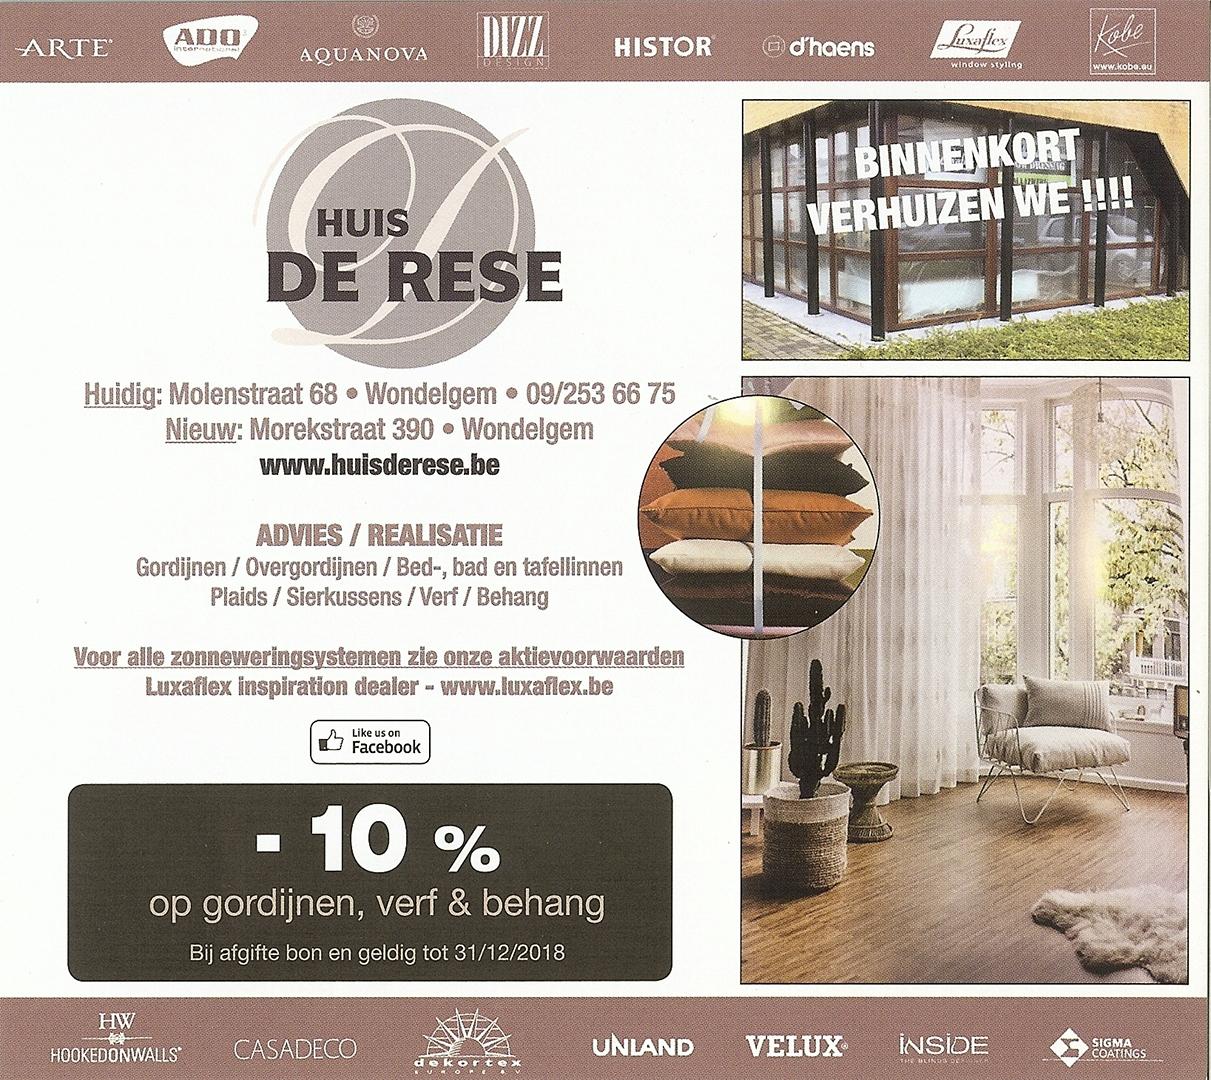 Huis De Rese © 2018